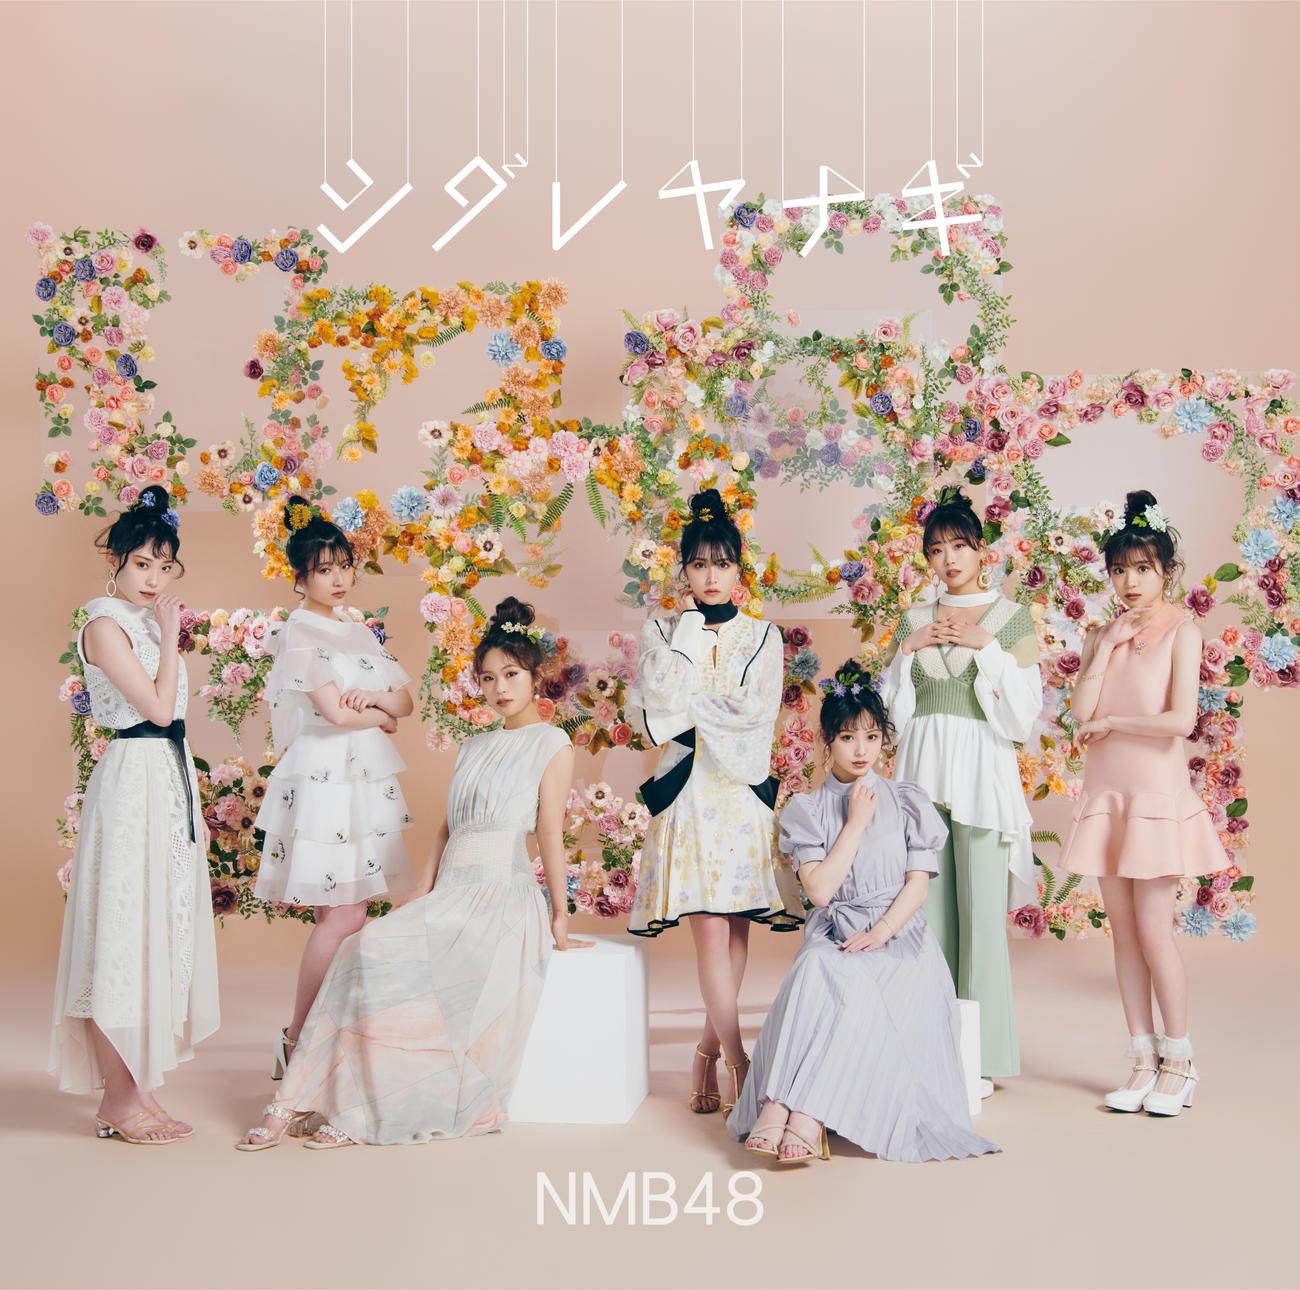 NMB48最新シングル「シダレヤナギ」タイプAのジャケと写真(C)NMB48